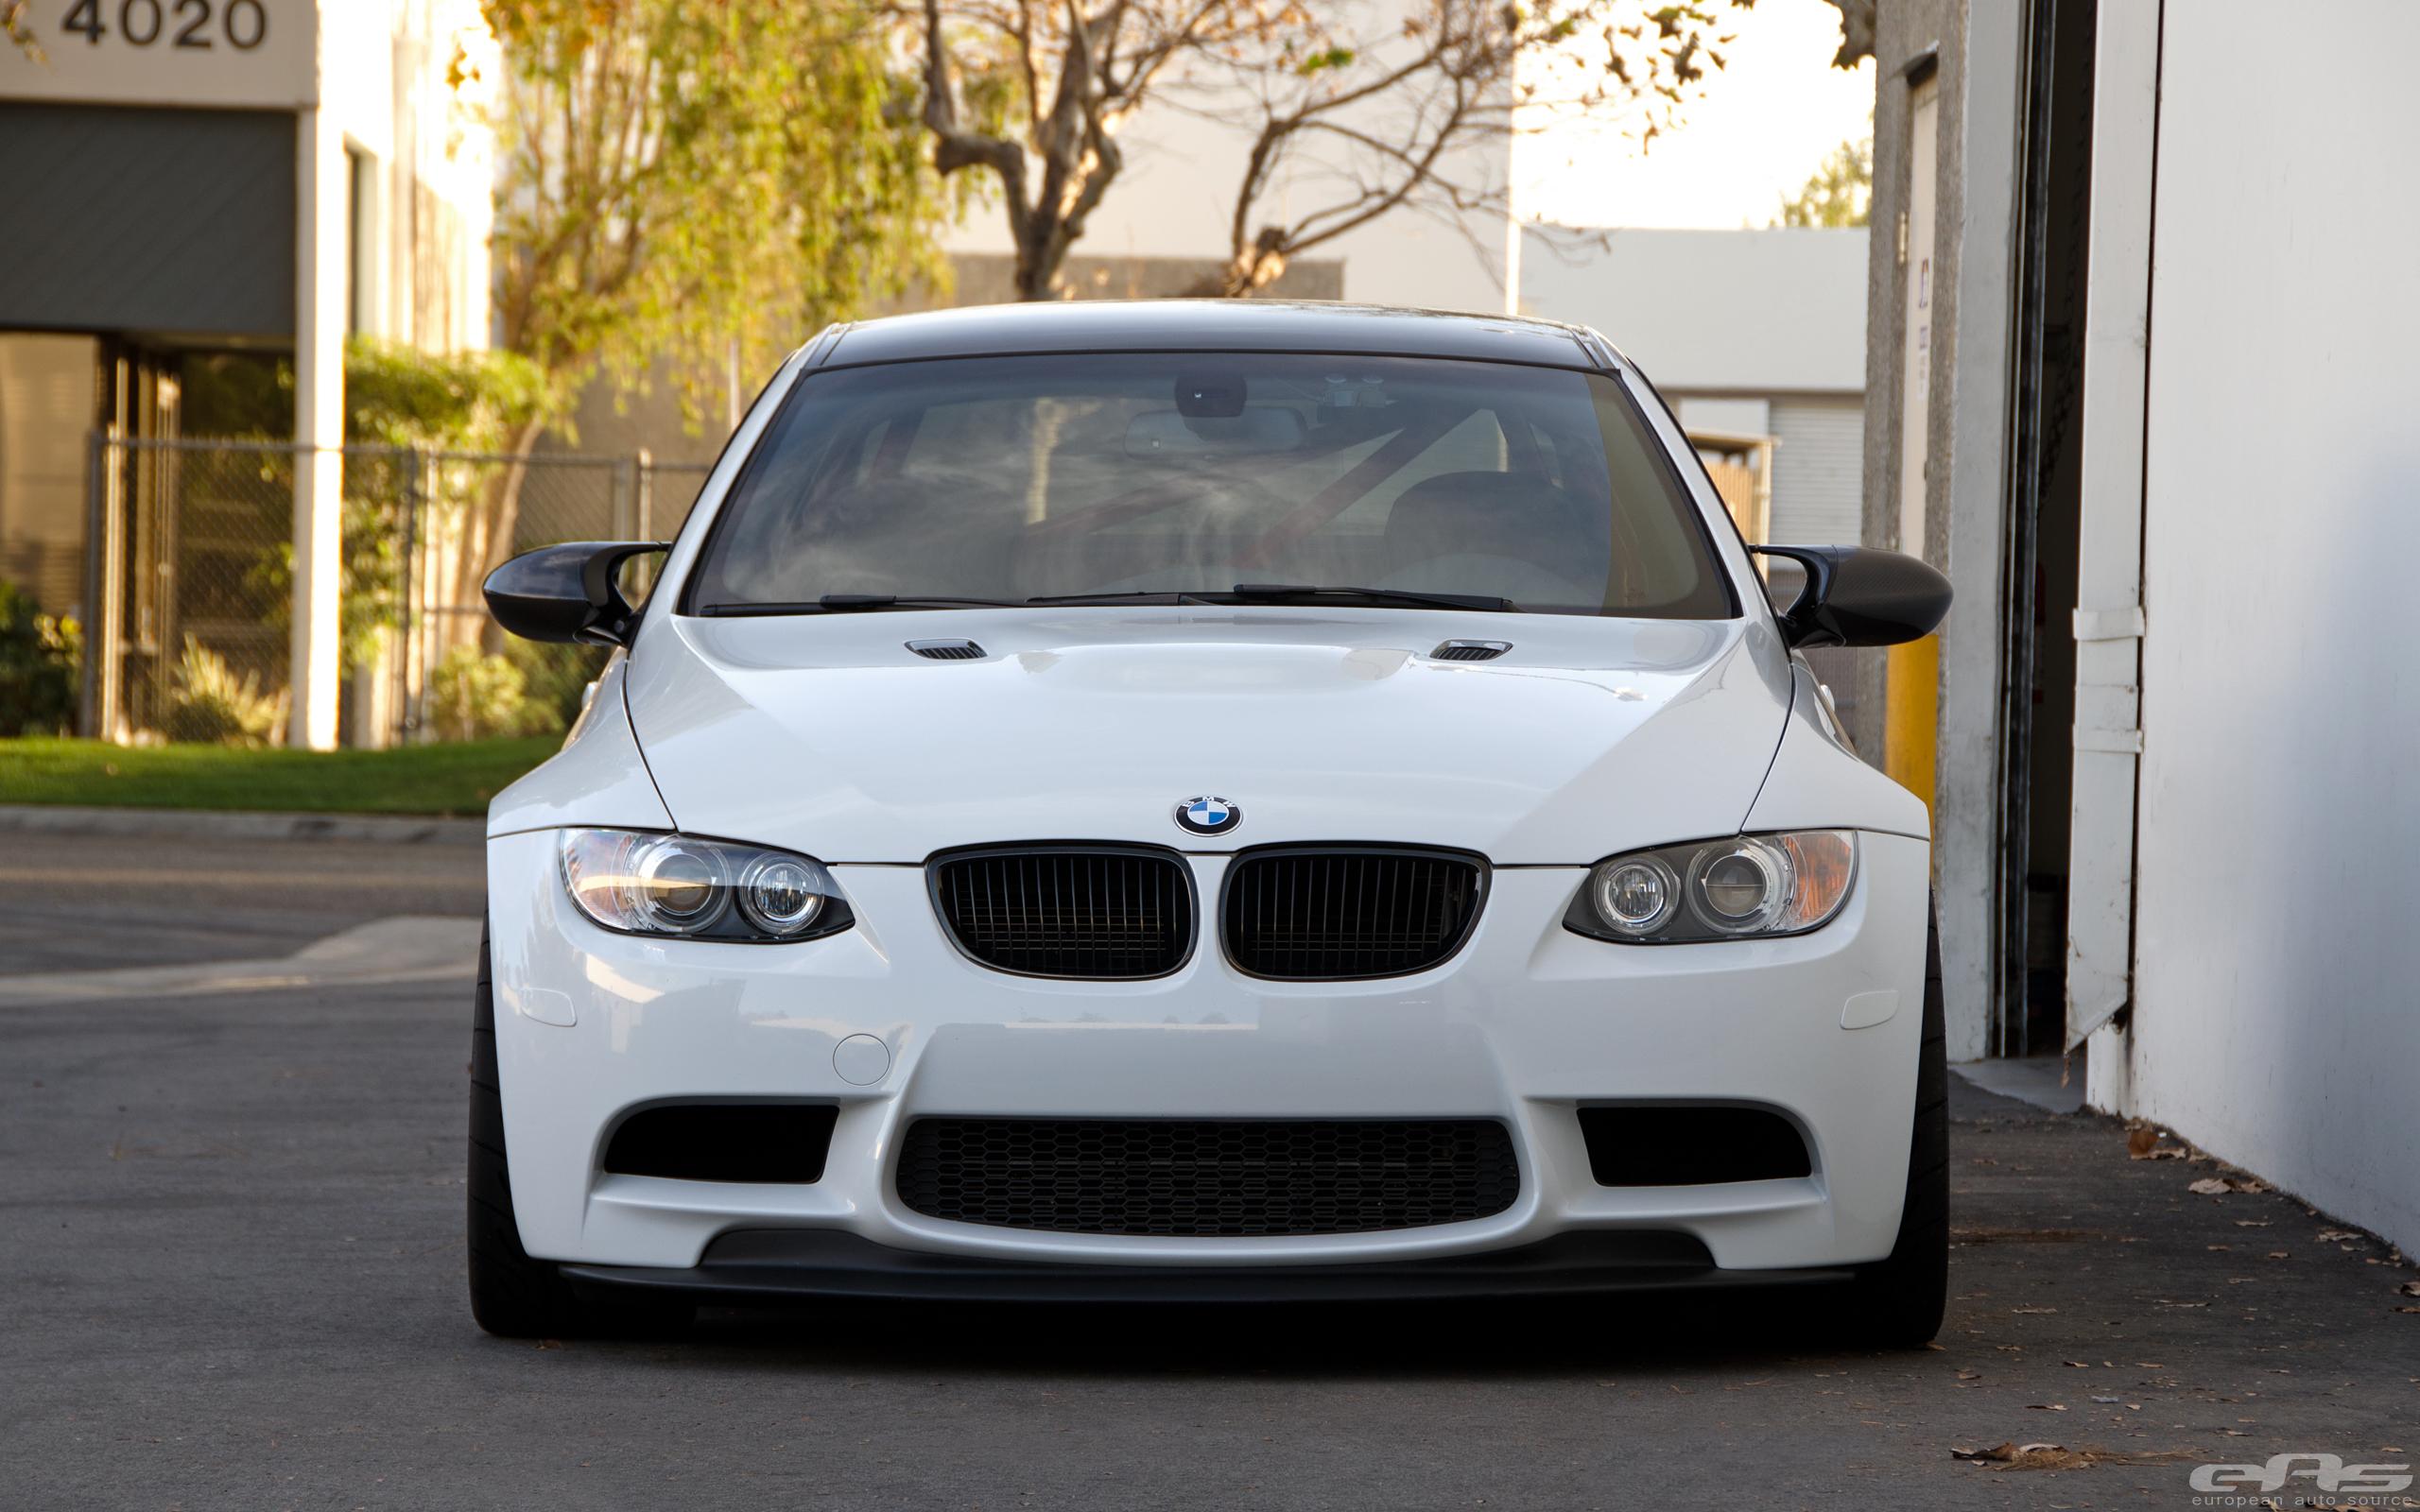 Alpine White BMW E92 M3 Project 19